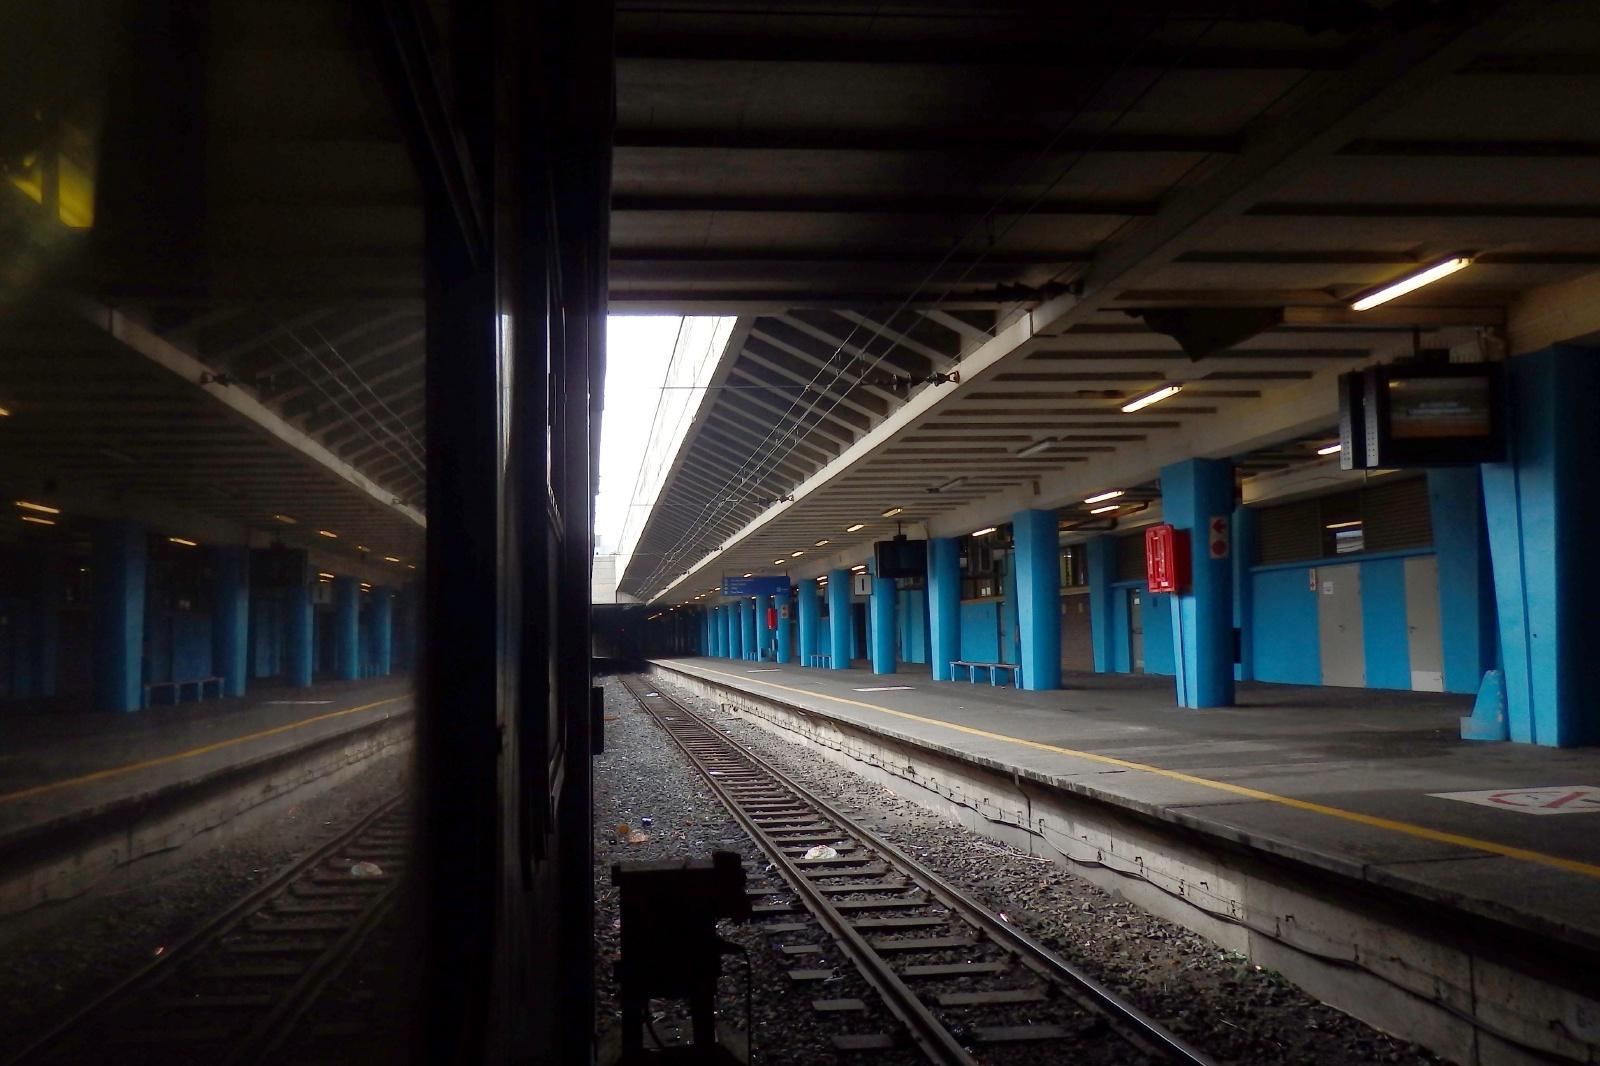 ケープタウン中央駅のプラットフォーム 南アフリカの鉄道風景